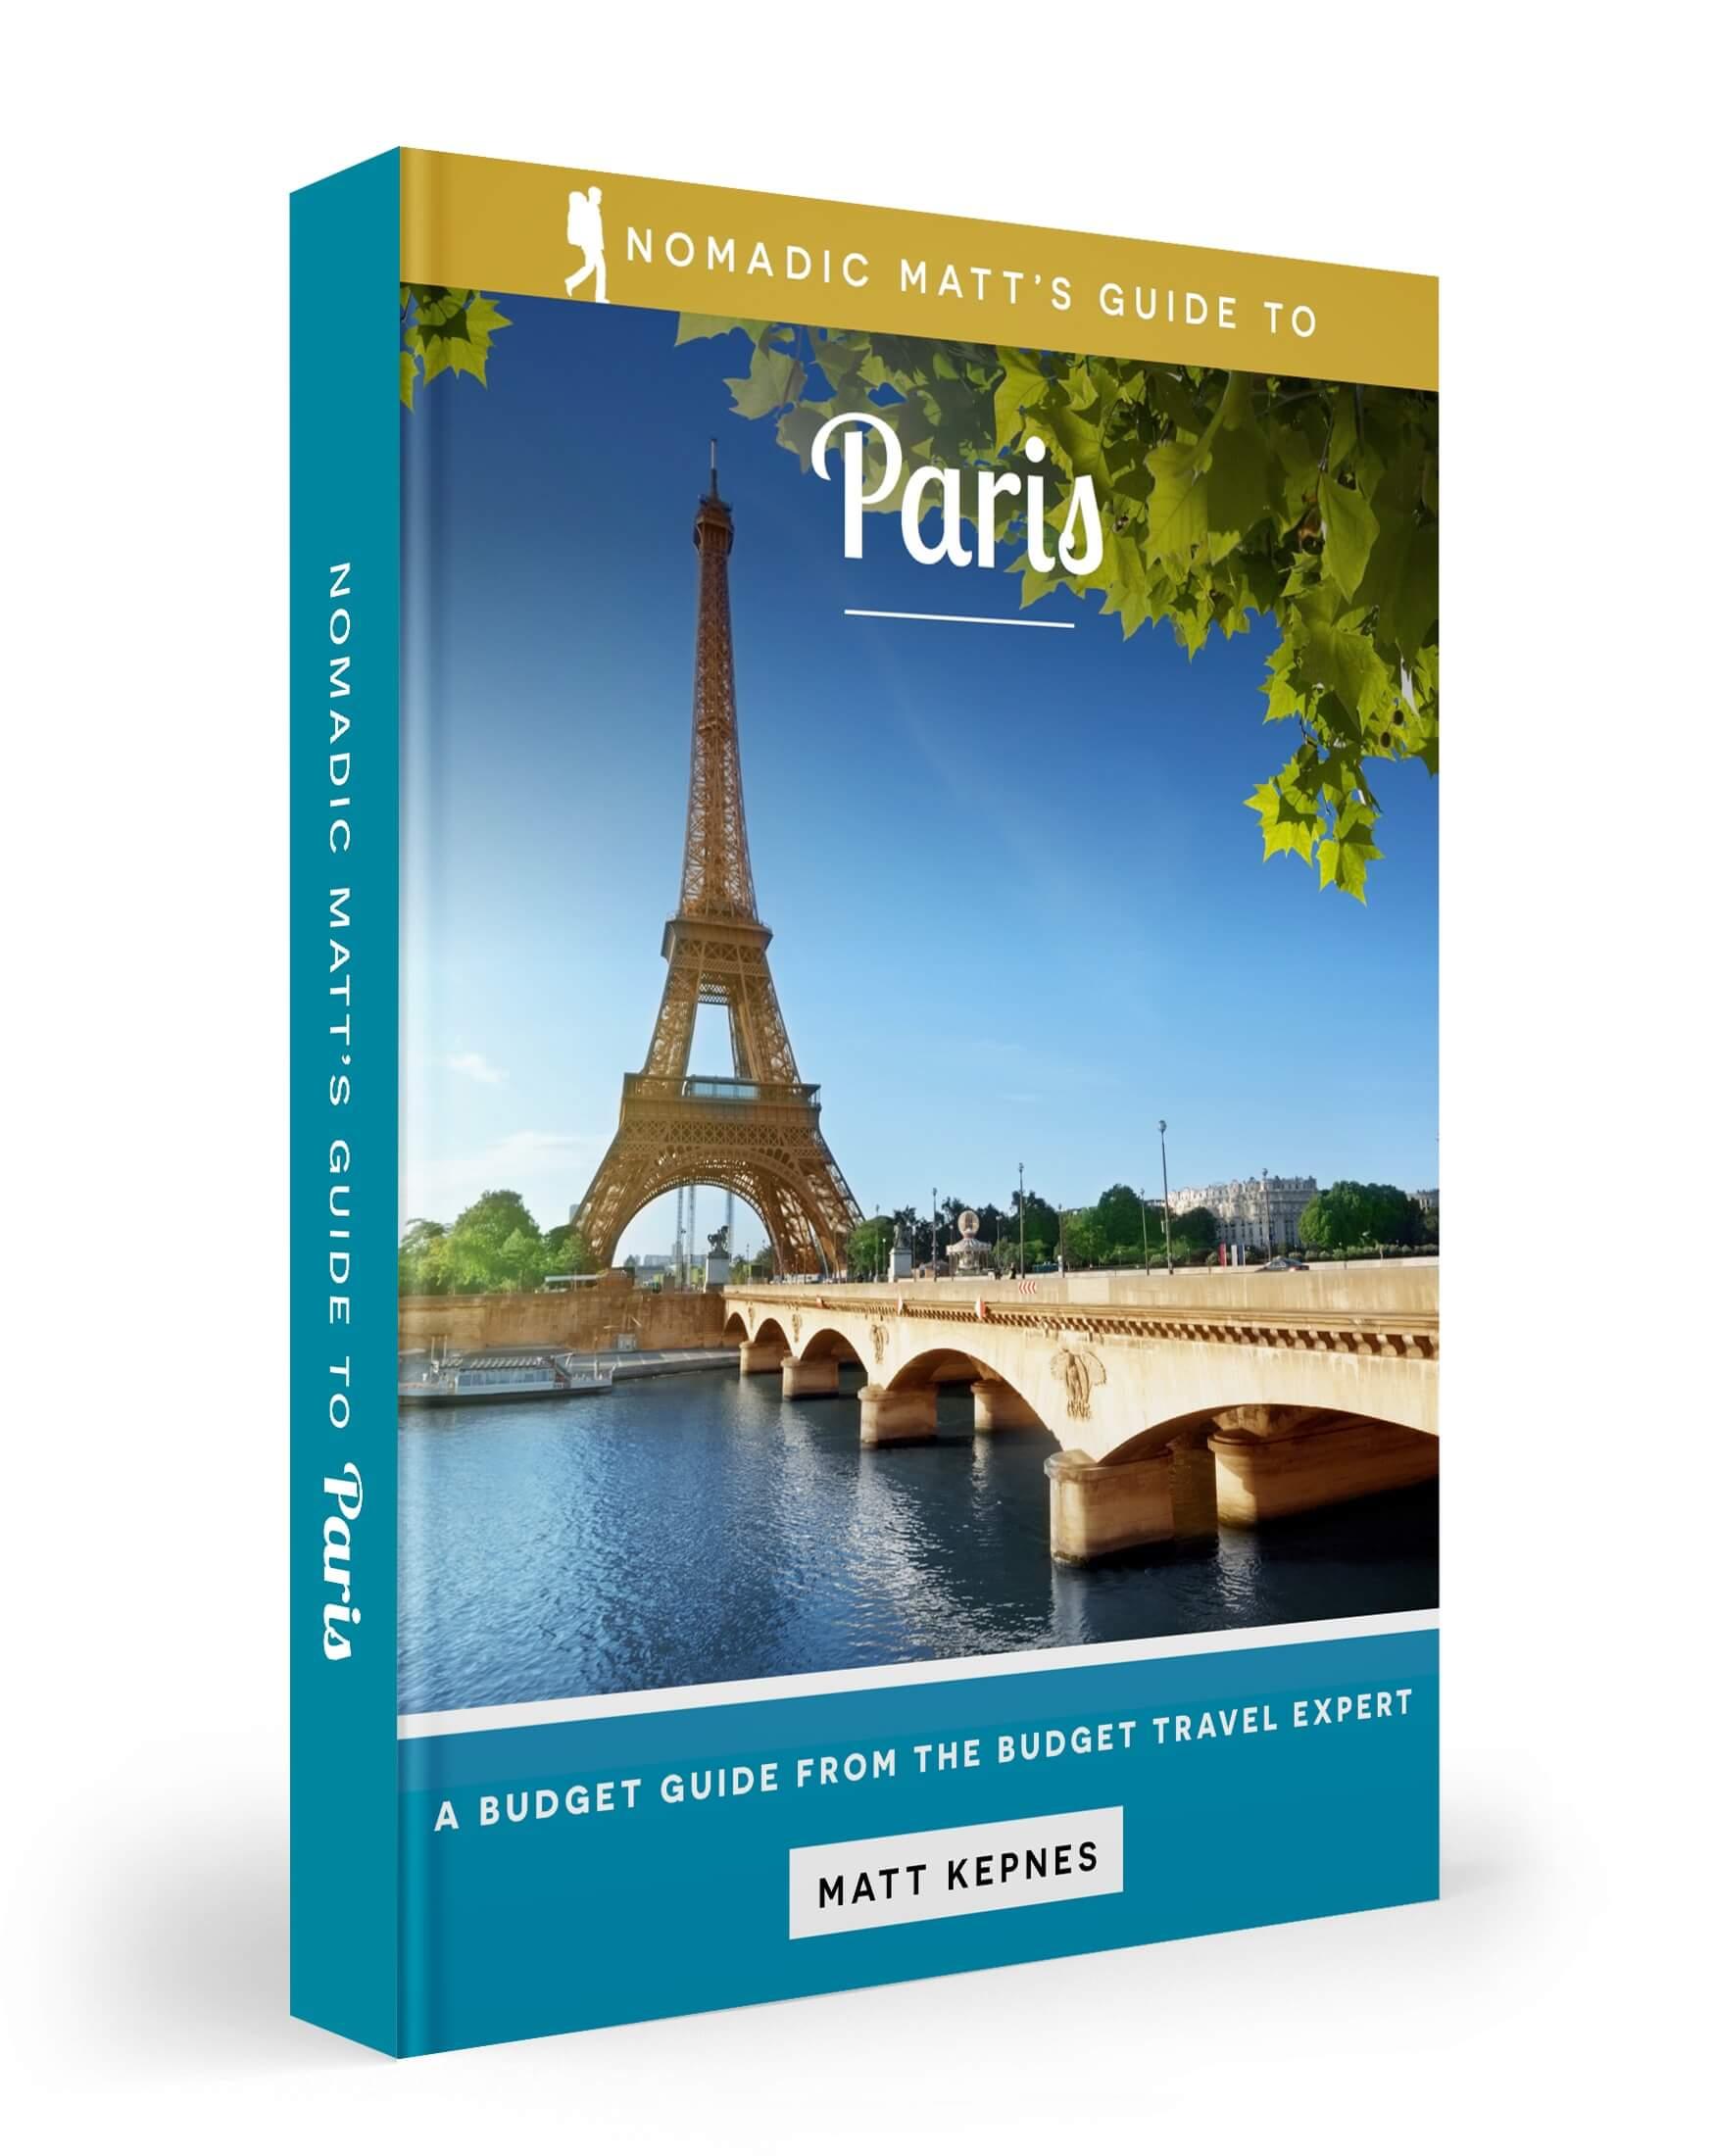 nomadic matt's guide to paris